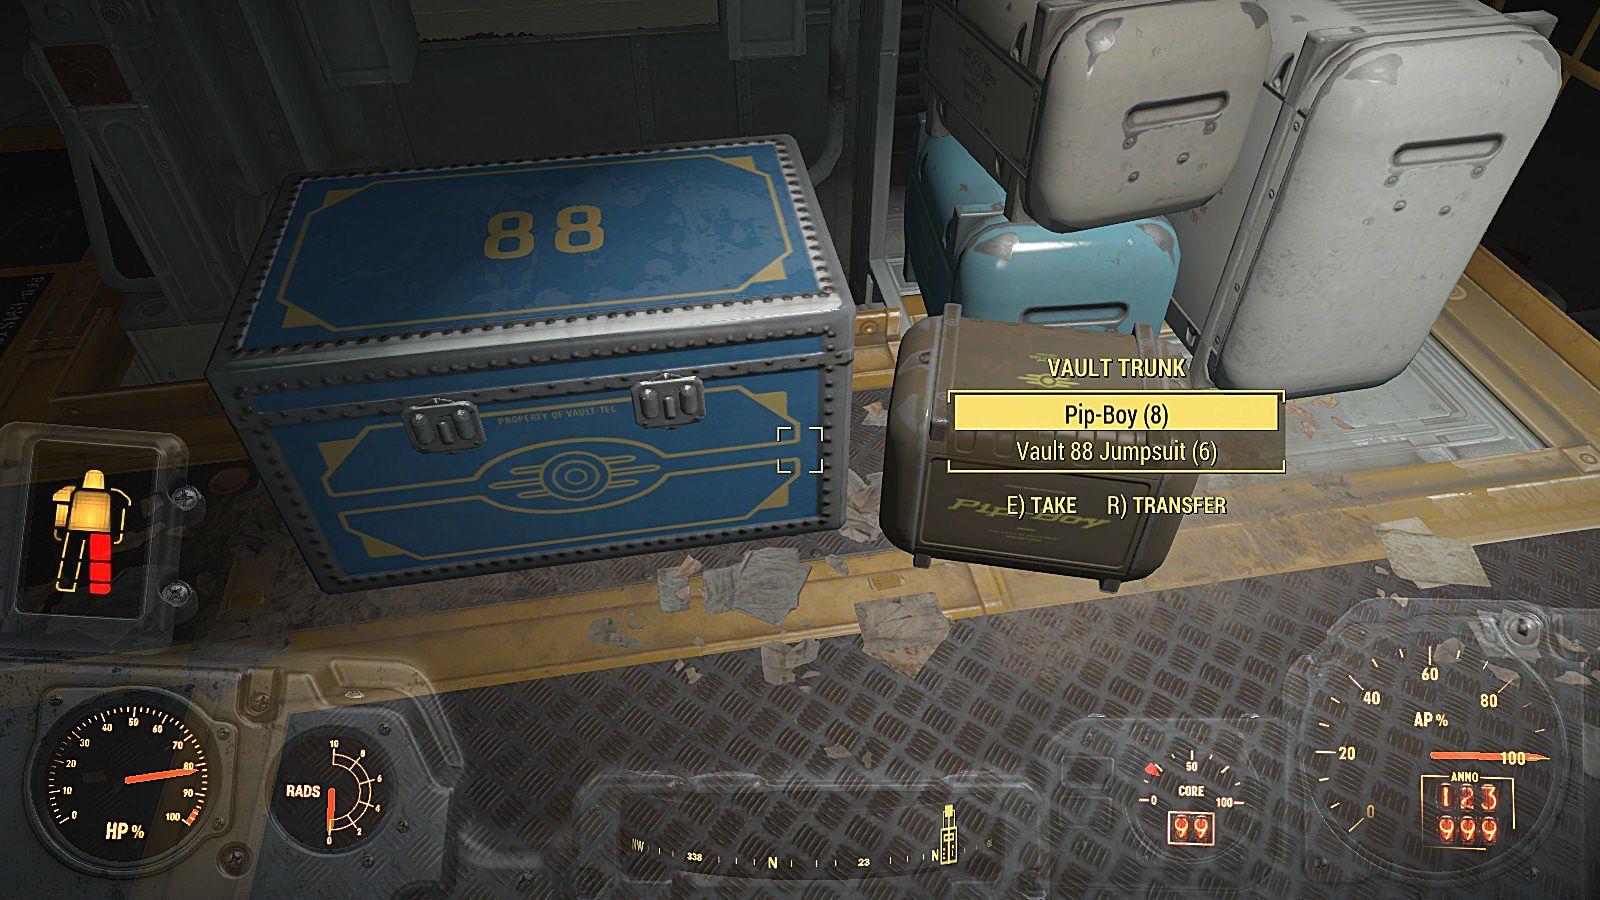 Vault-Tec Workshop experiments quest guide | Fallout 4